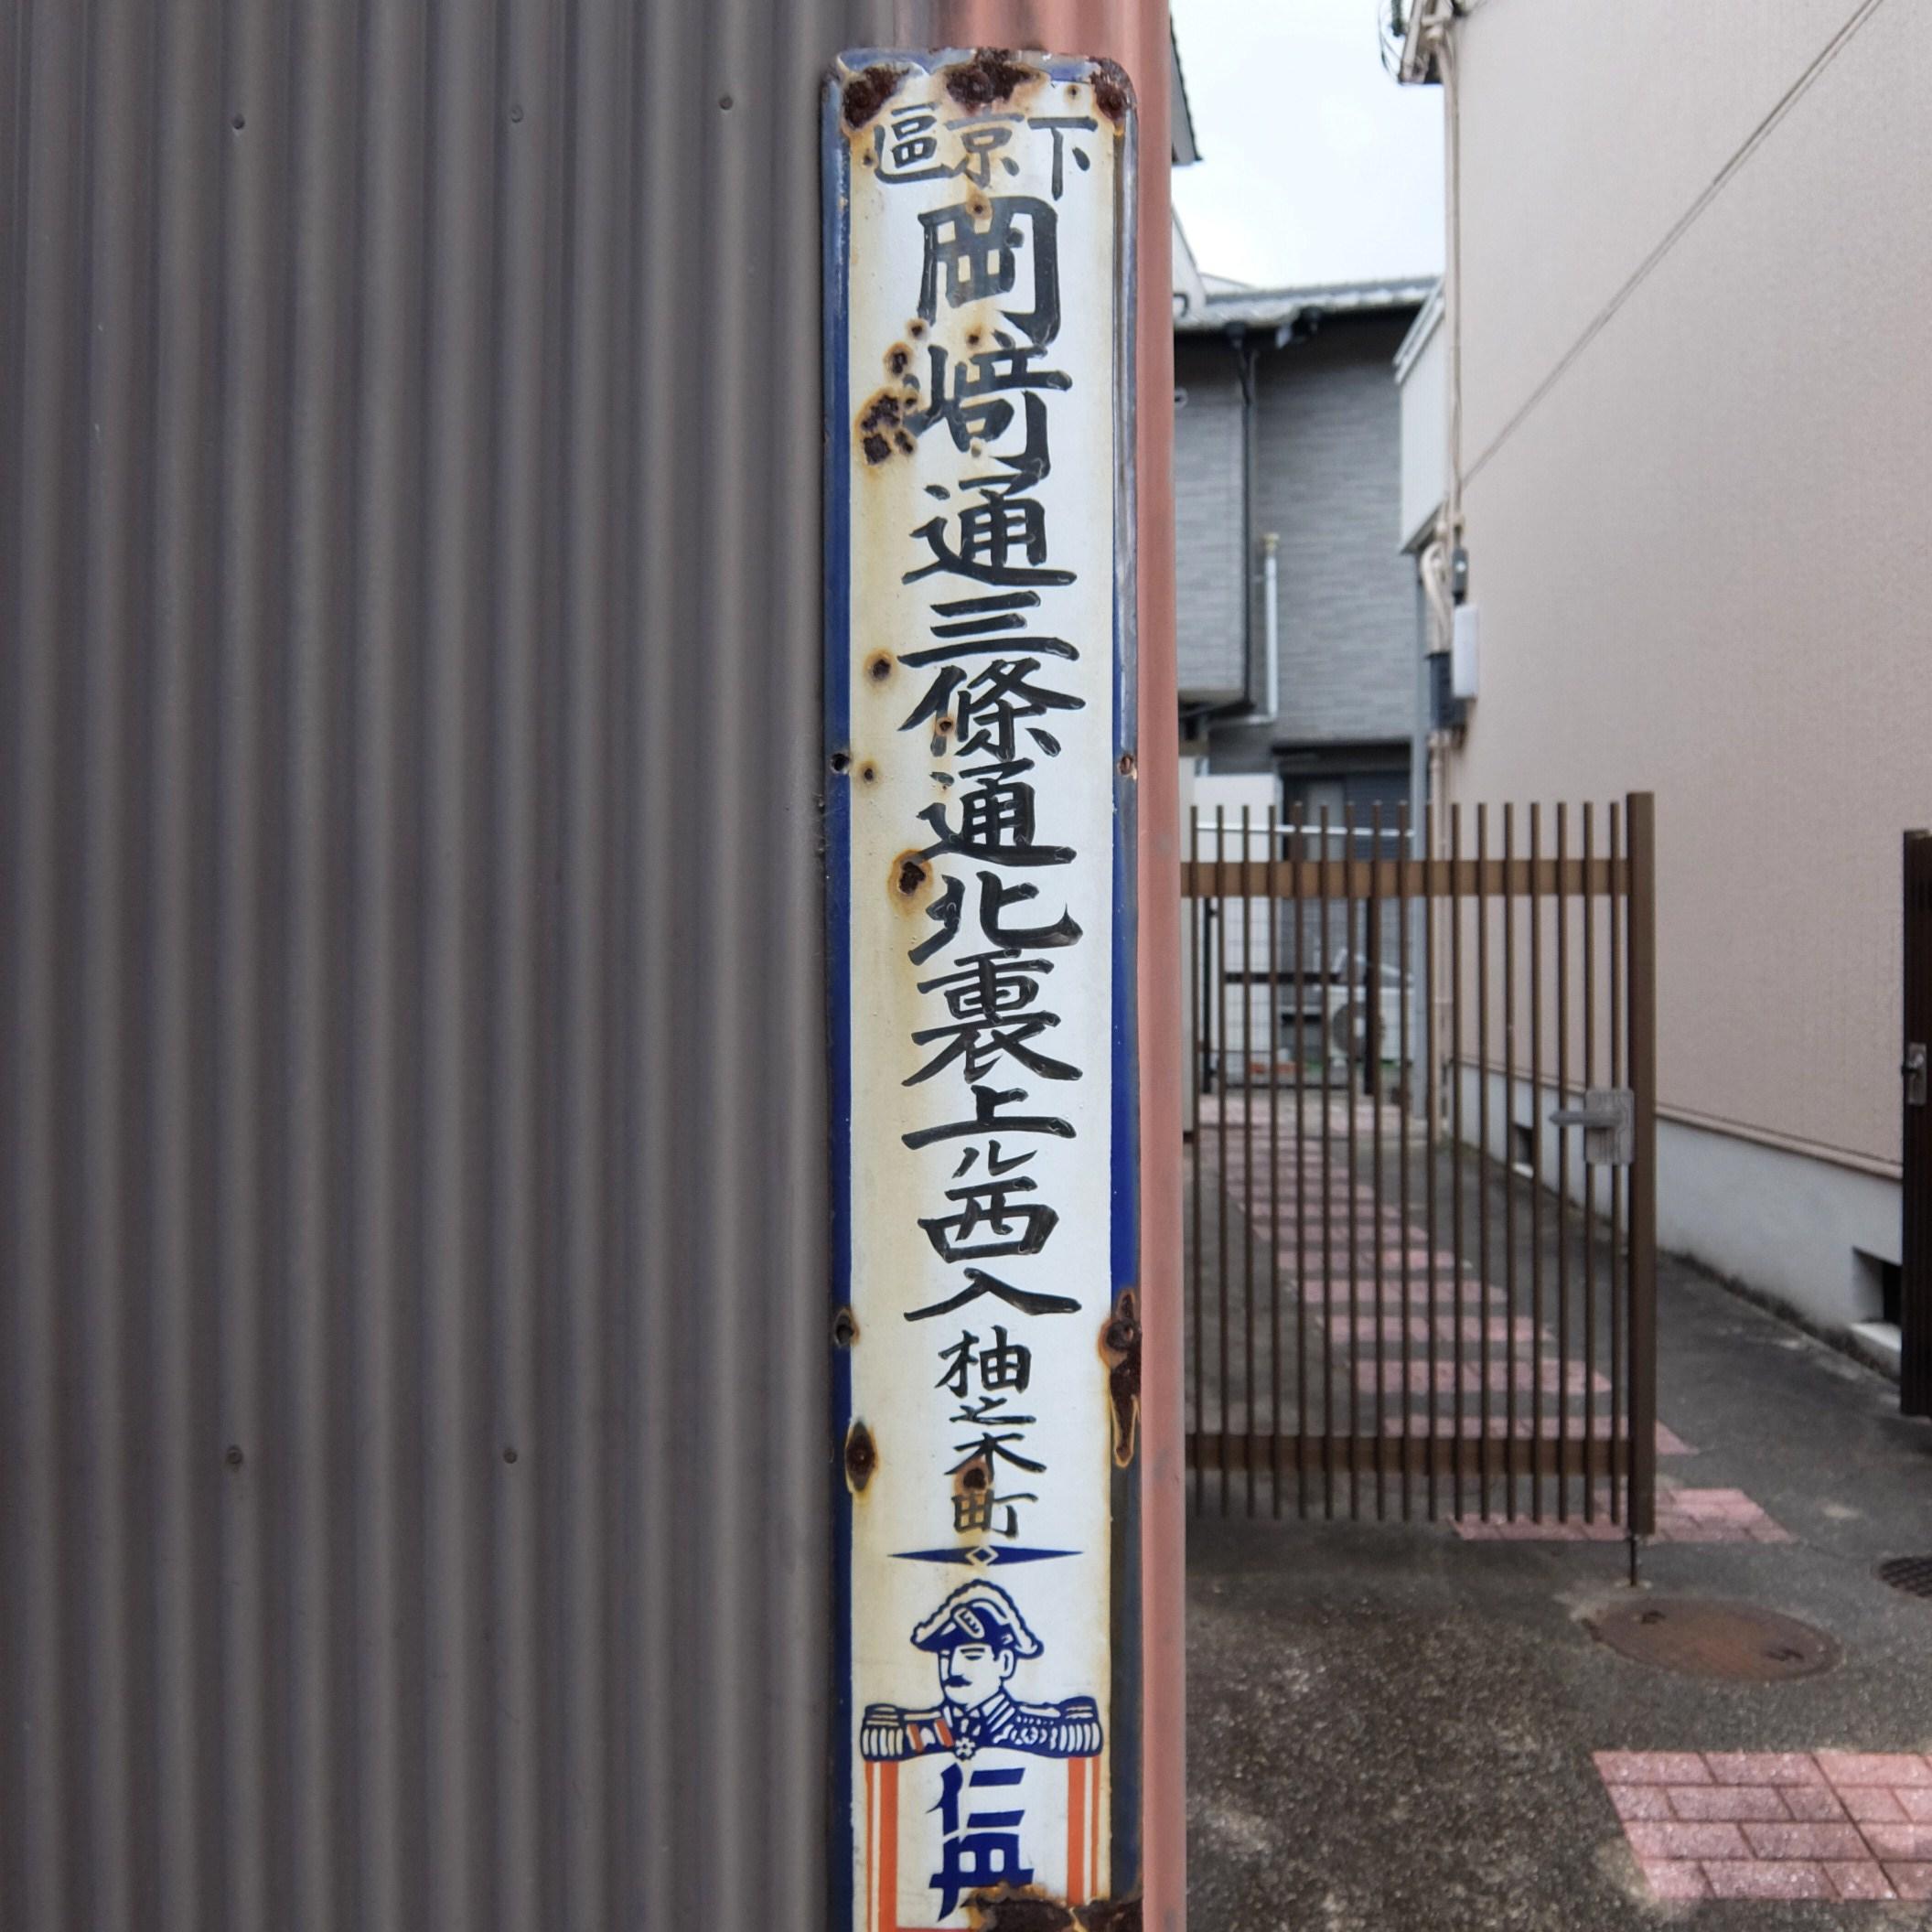 14100106.jpg